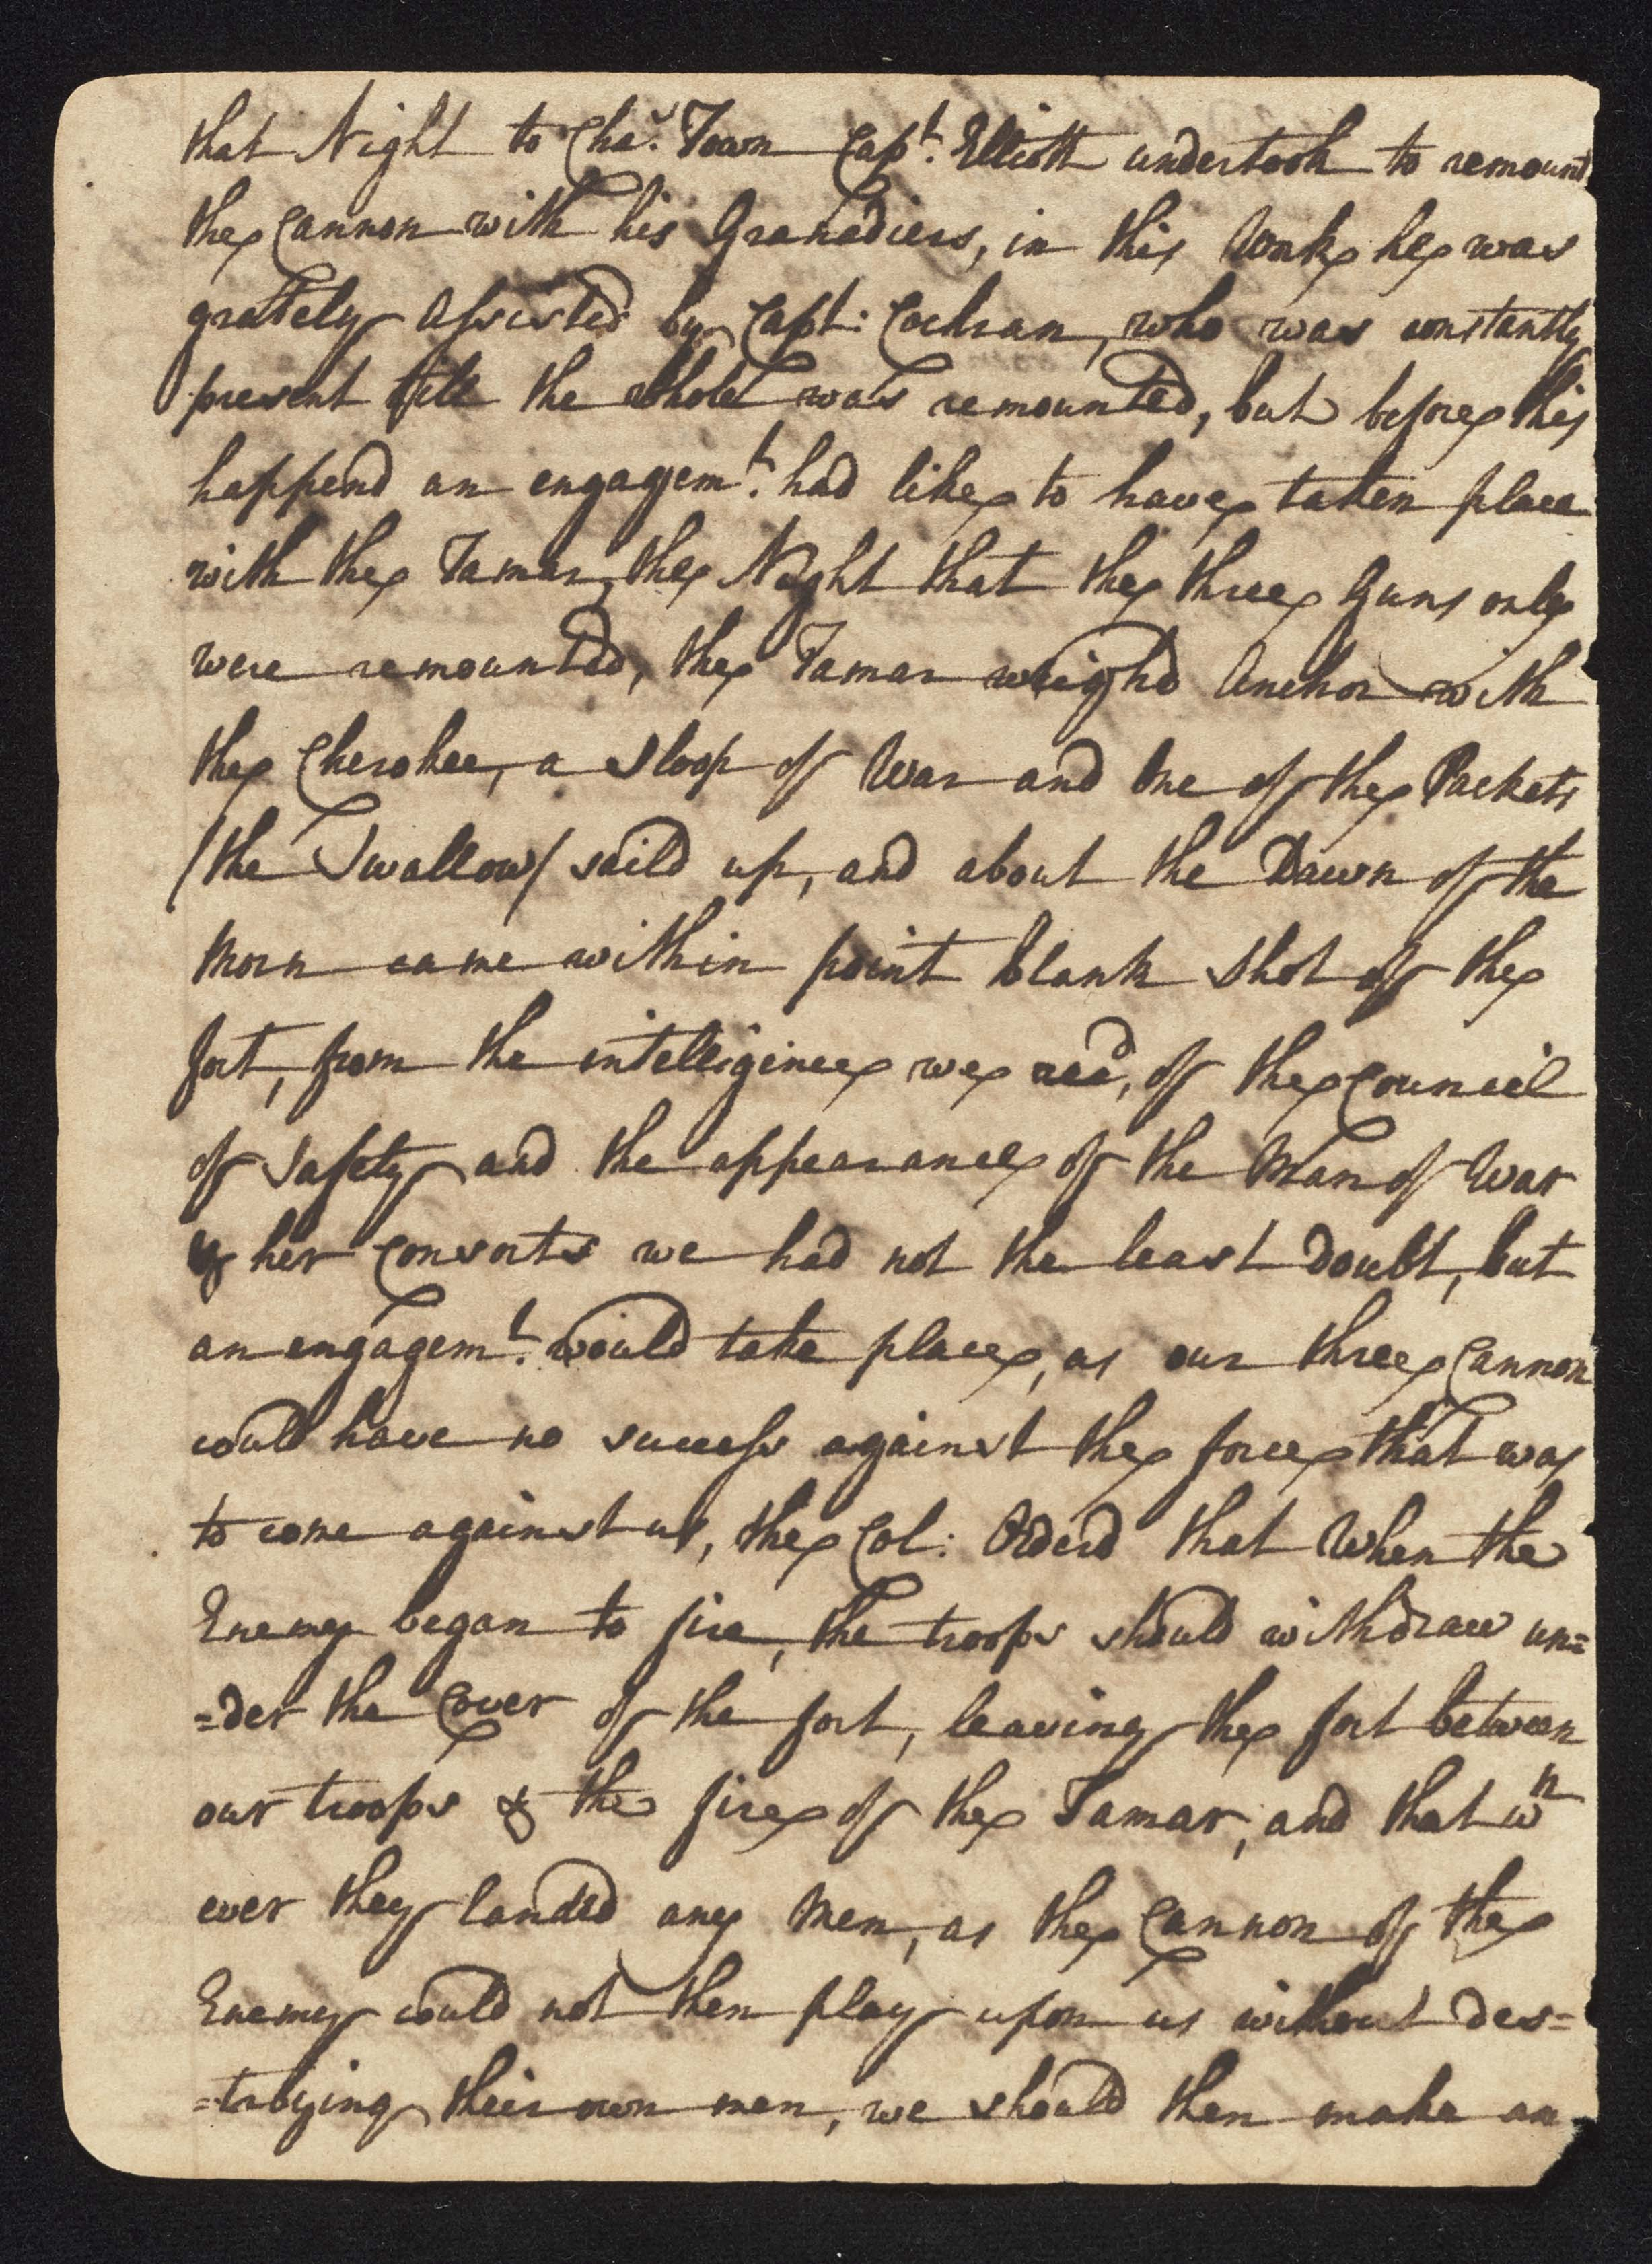 South Carolina Regiment Order Book, Page 18